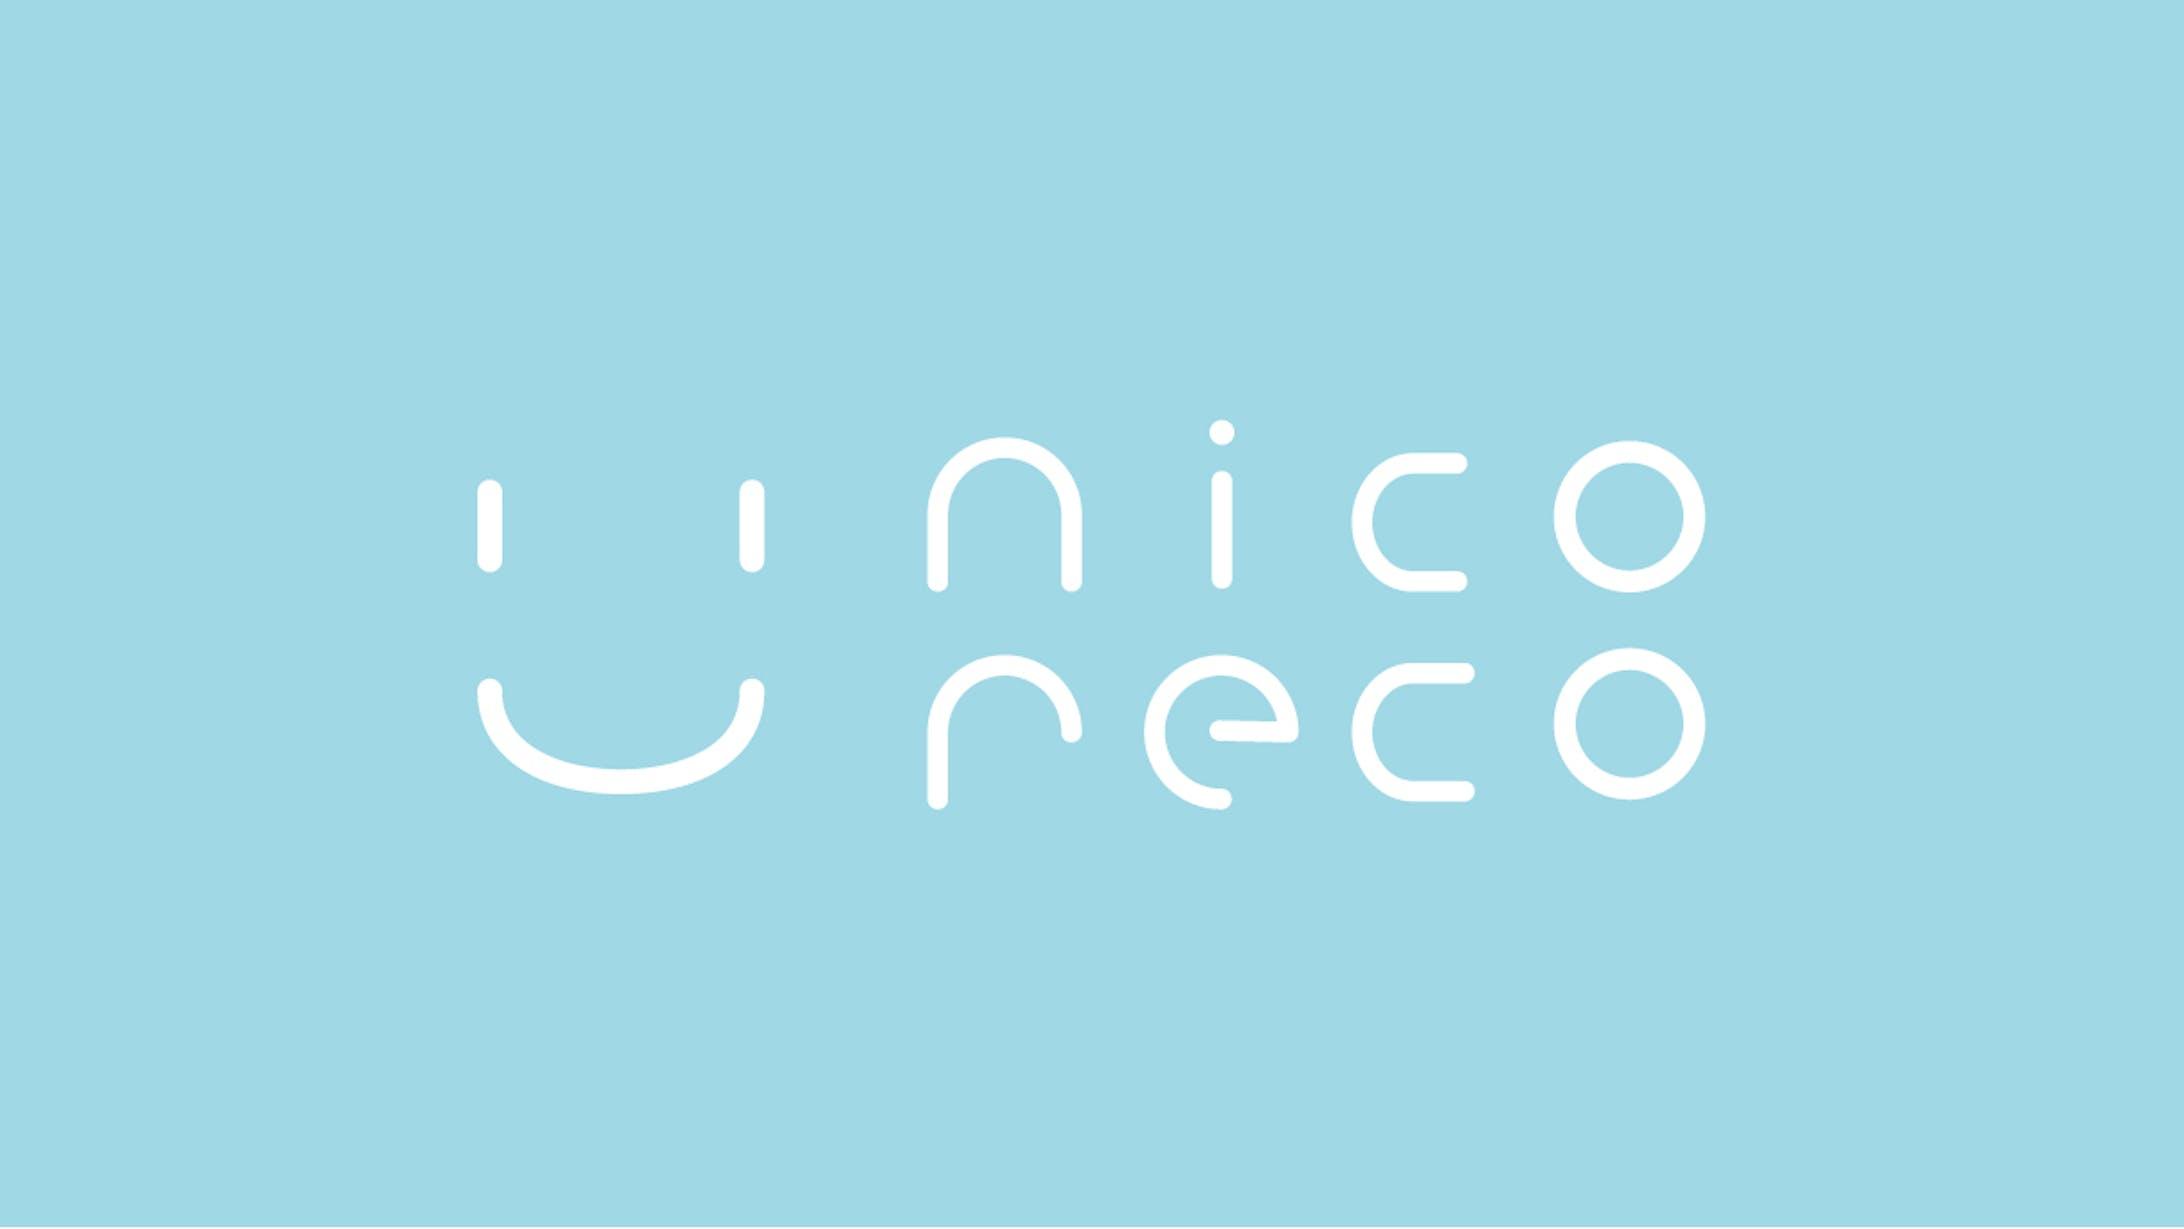 【ロゴ・スタンプカード】nicorecoさま-2